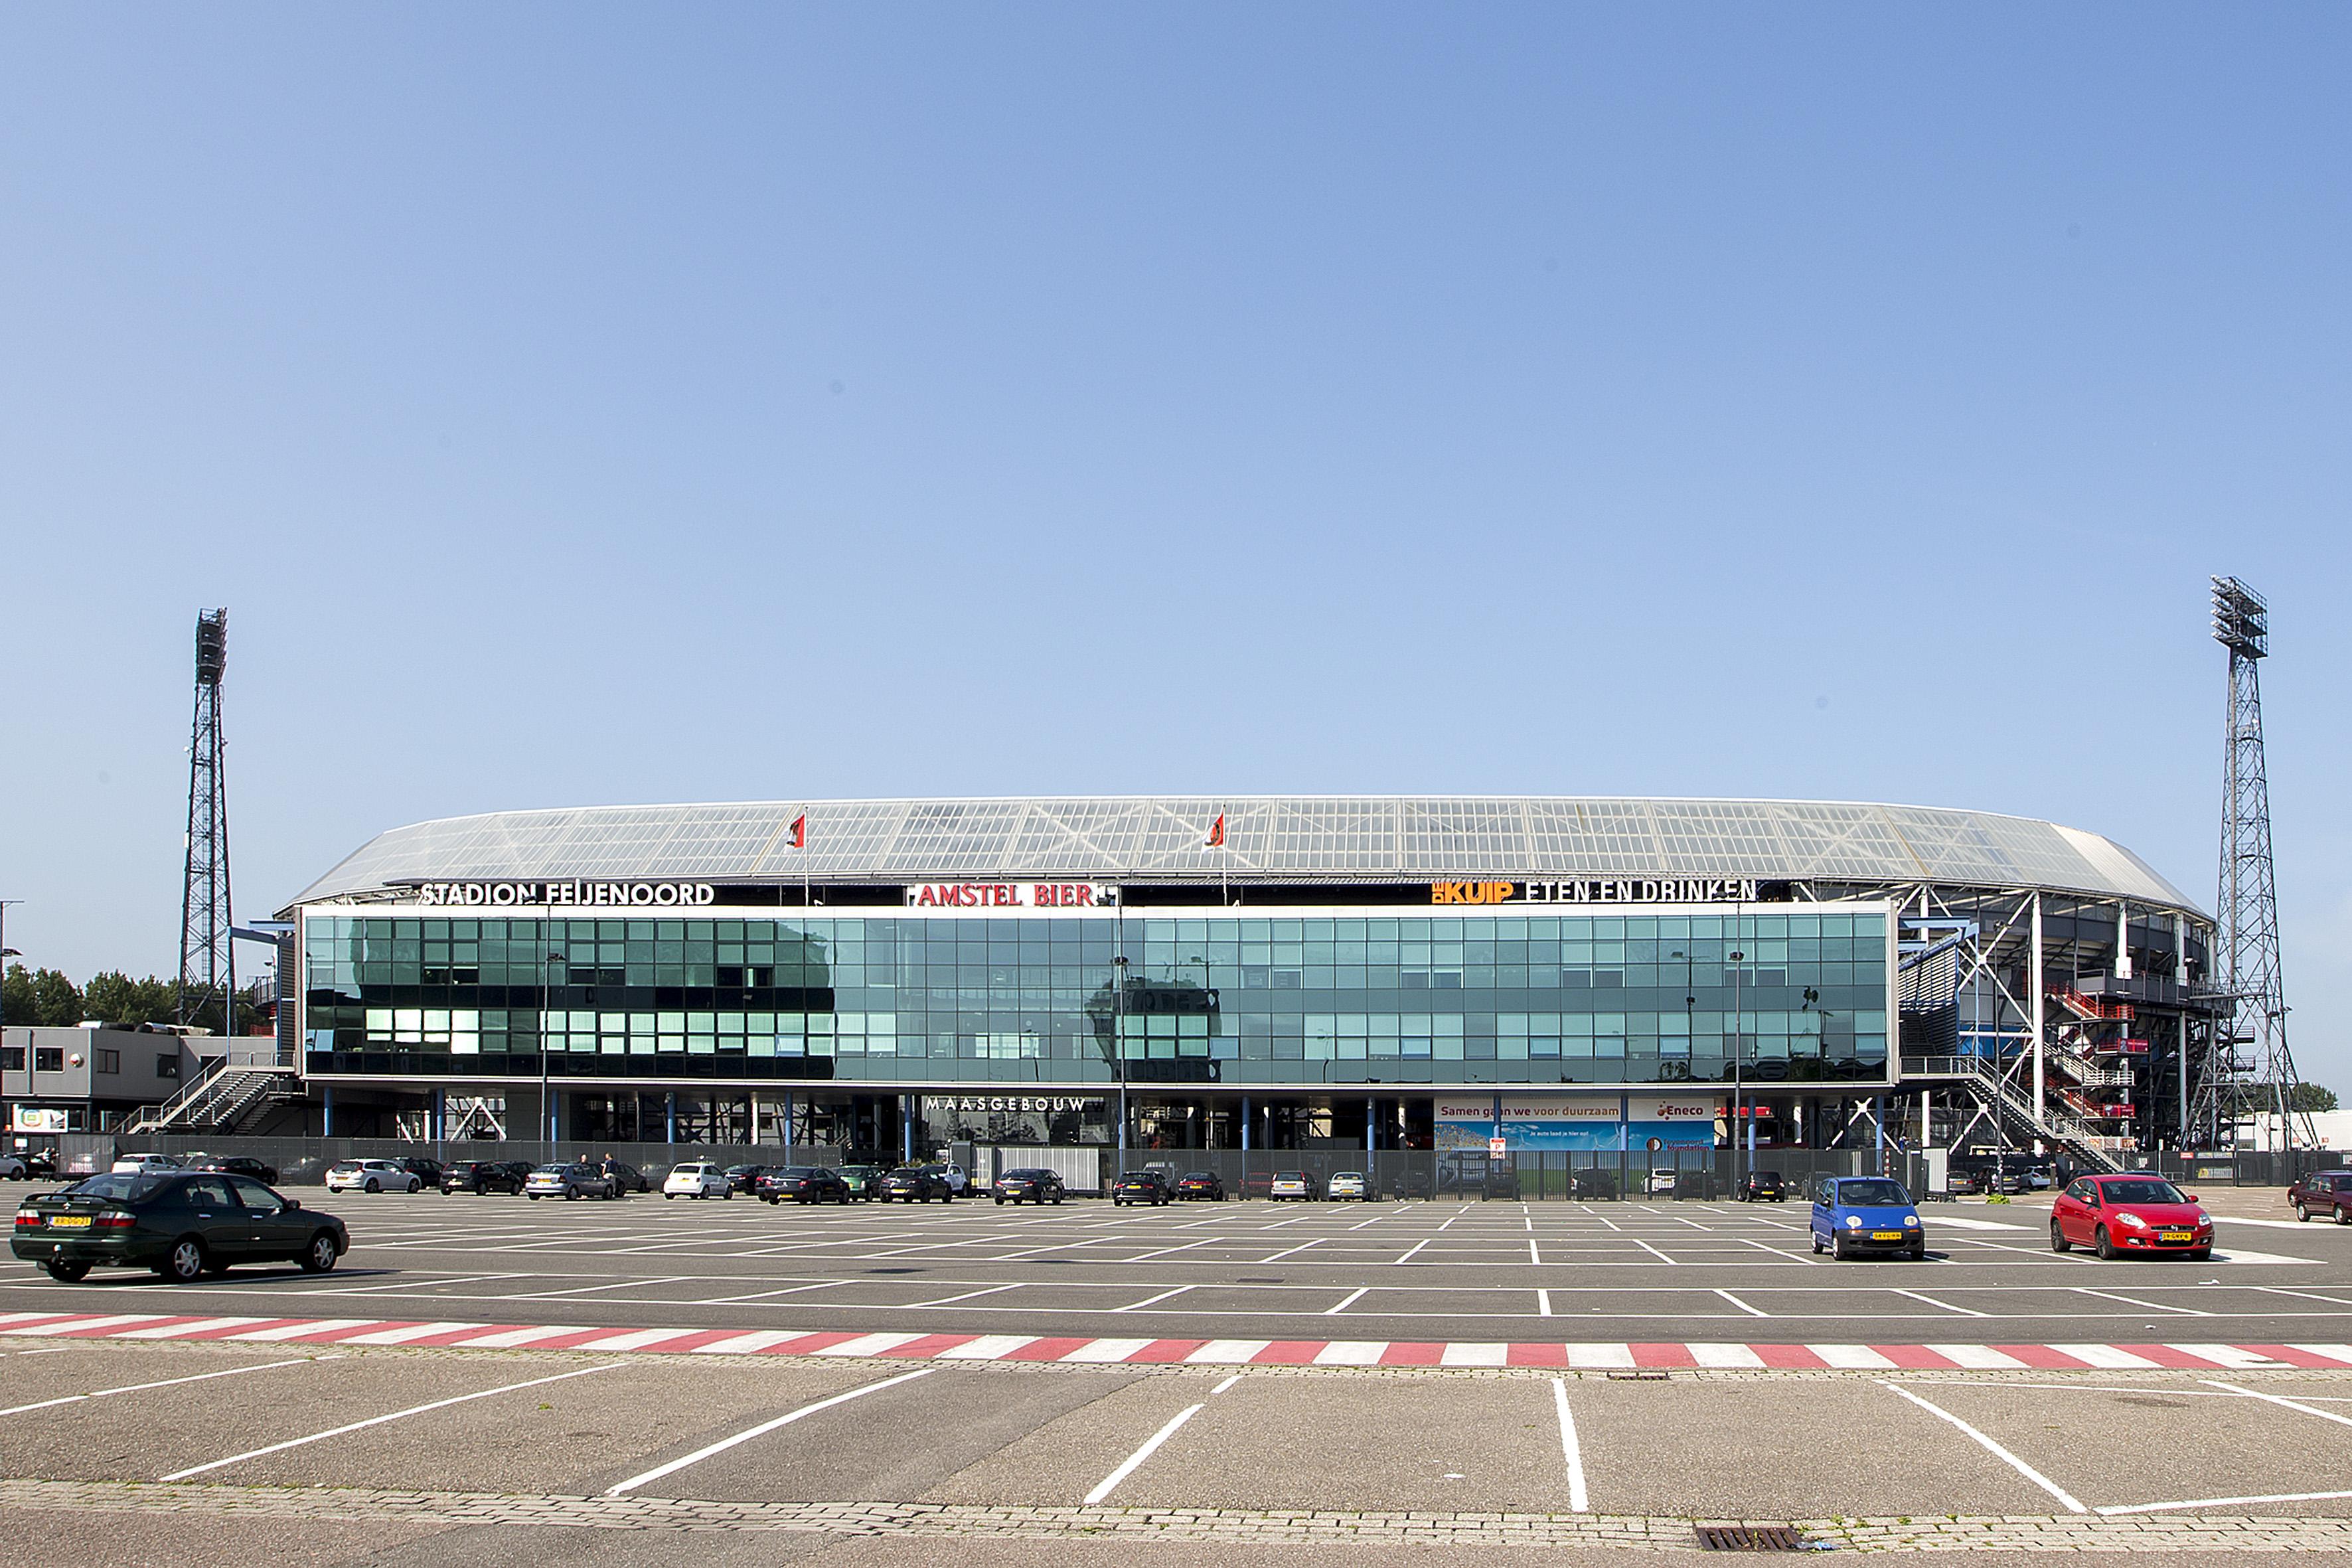 2013-07-08 10:20:07 ROTTERDAM - Feyenoord presentatie seizoen 2013 - 2014 , 08-07-2013 , De Kuip , Stadion foto met parkeer terrein en maasgebouw. ANP KAY IN T VEEN